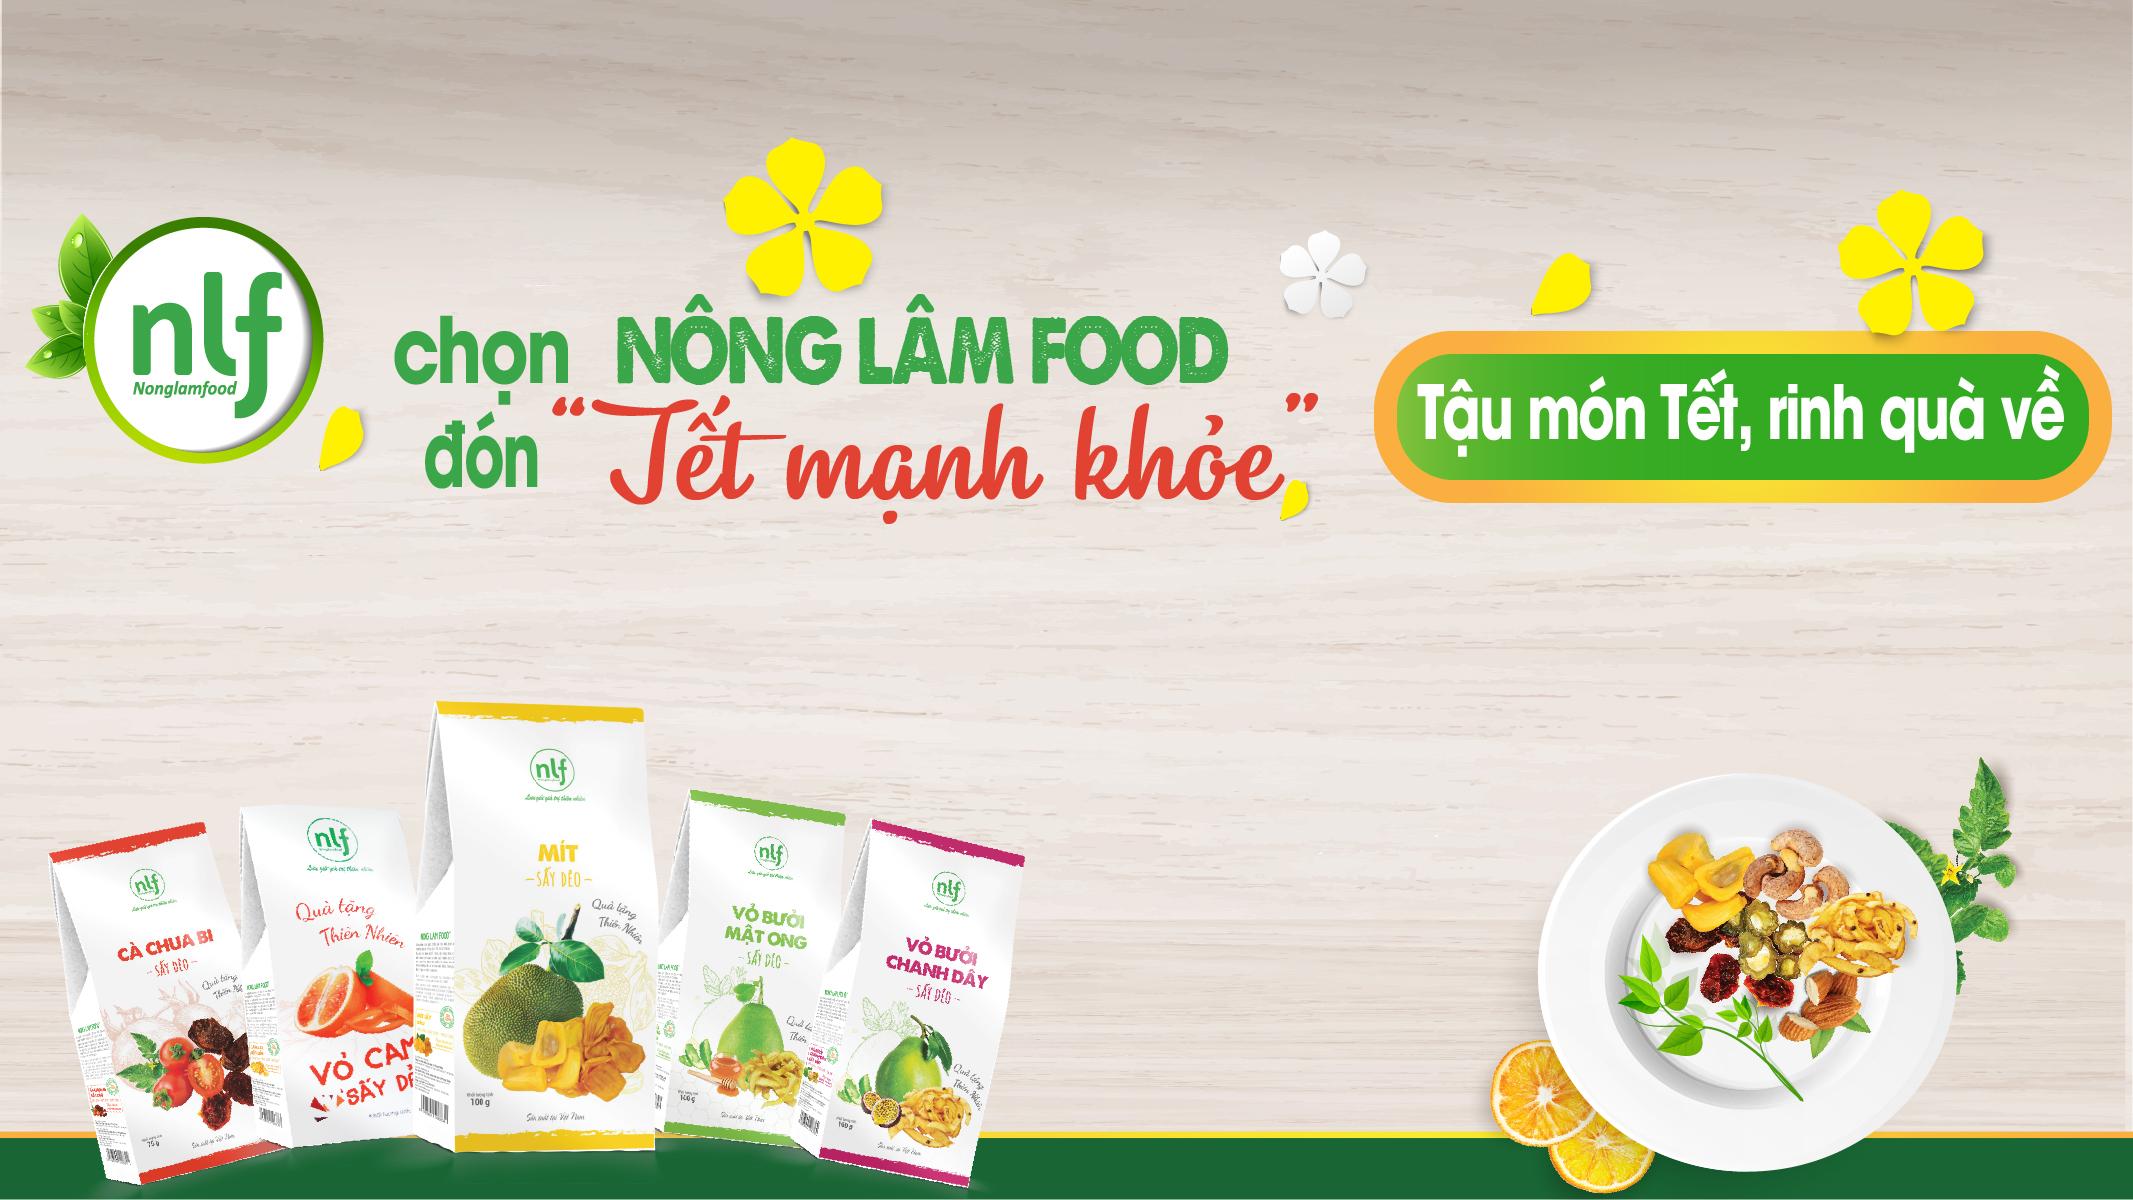 chọn NÔNG LÂM FOOD đón Tết mạnh khỏe HTV9 Tự Hào Hàng Việt